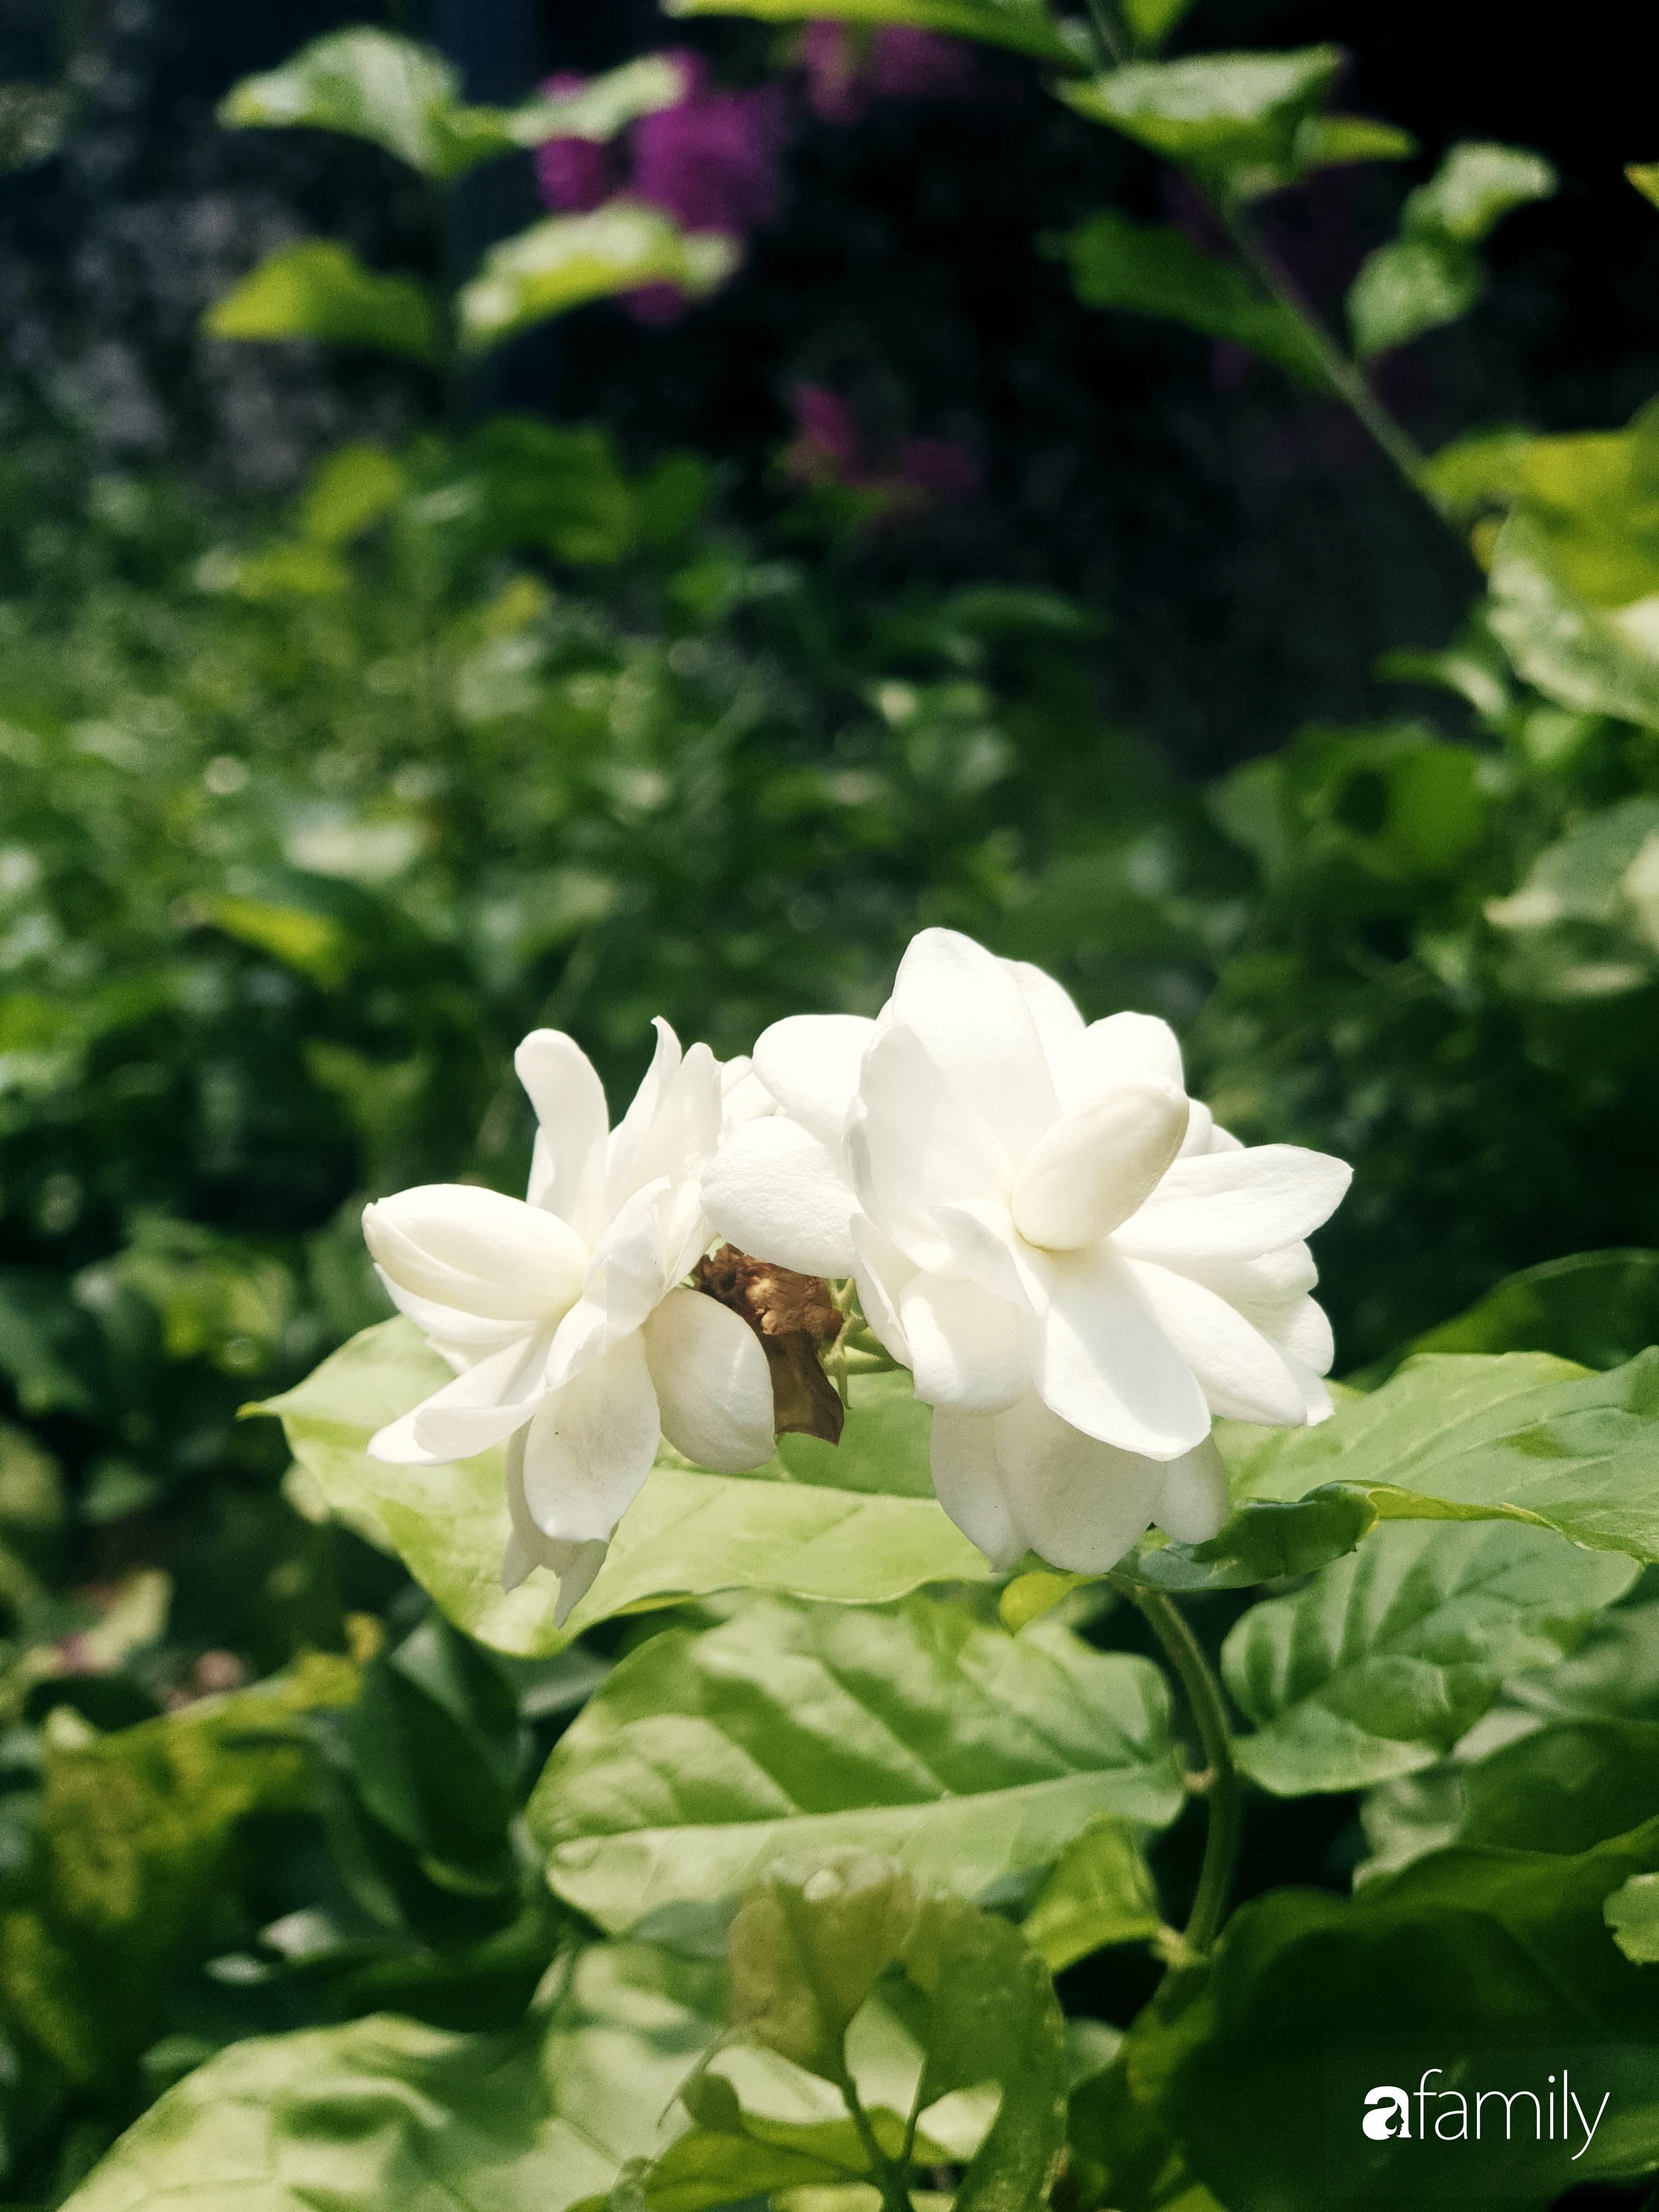 Khu vườn trước nhà xanh mát bóng cây và hoa của anh chàng dành cả thanh xuân để chăm sóc thú cưng - Ảnh 6.